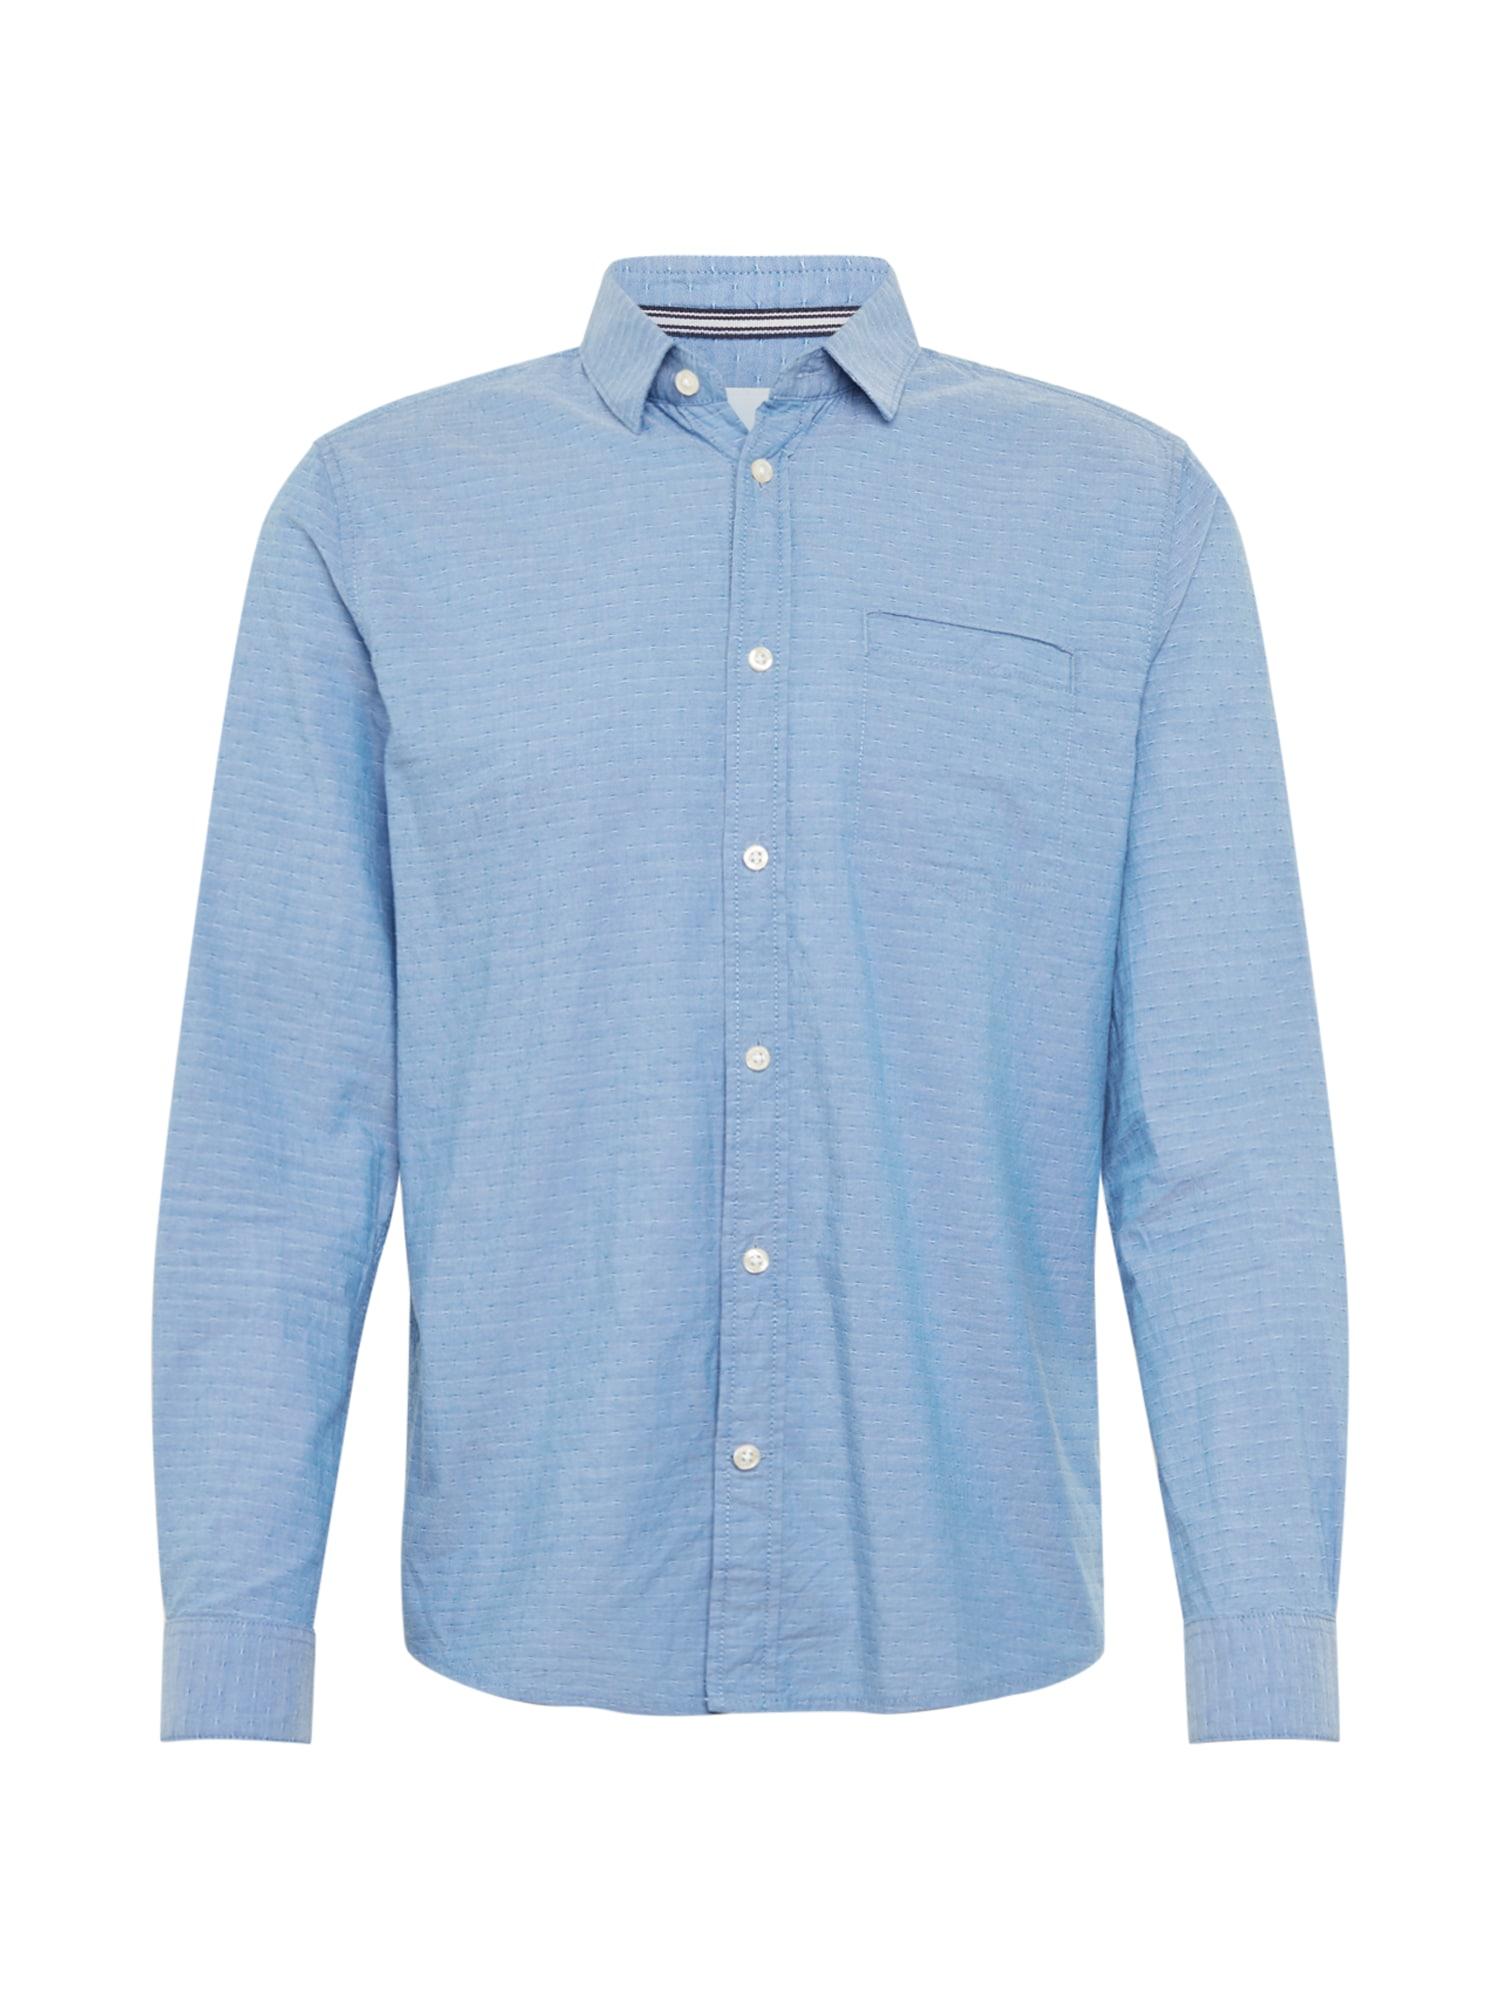 TOM TAILOR Marškiniai mėlyna